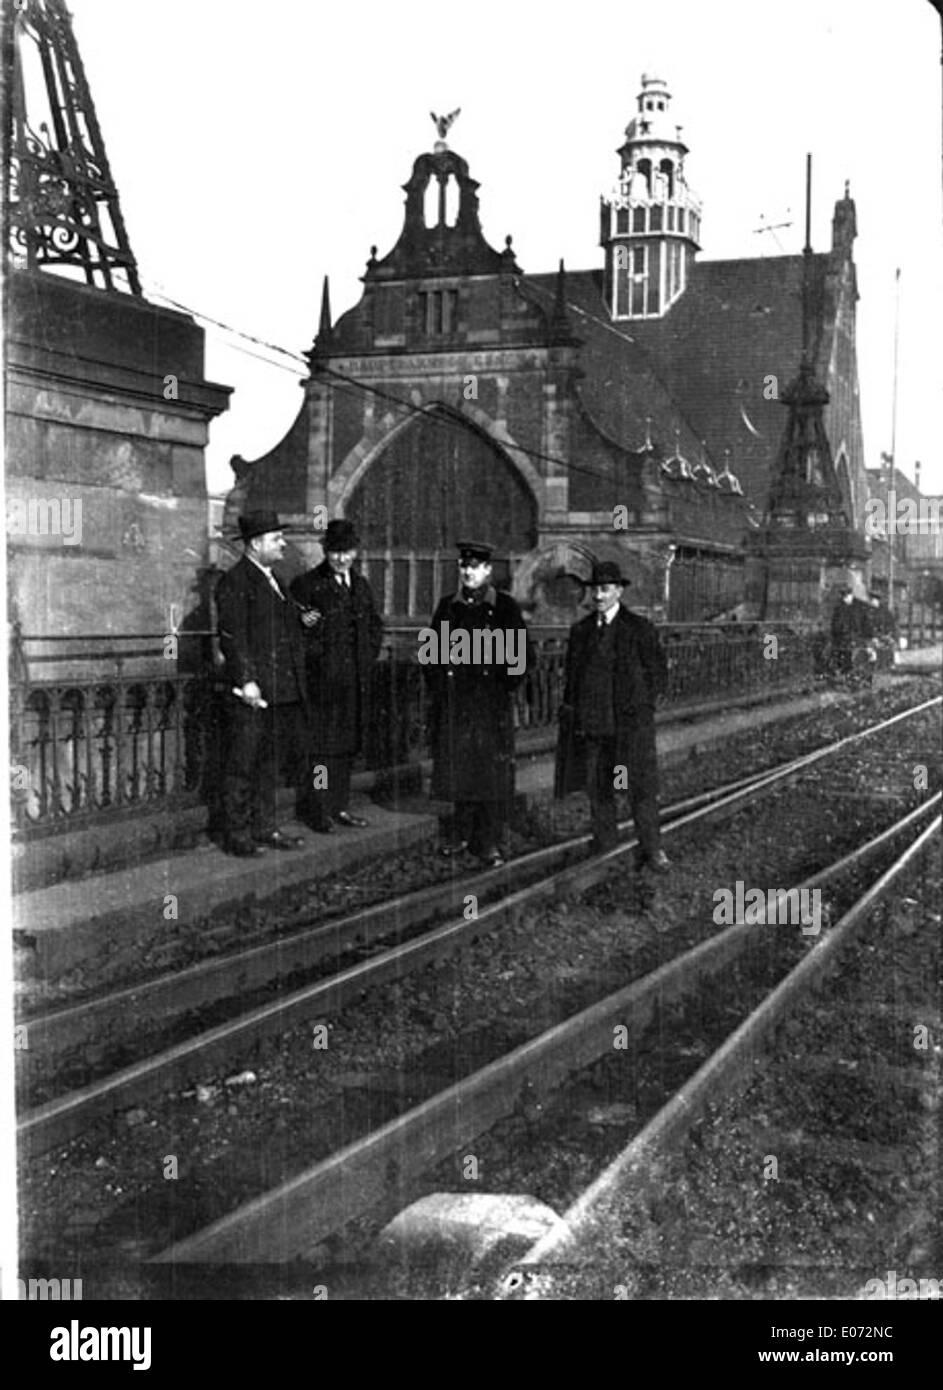 La gare, vue depuis la voie ferrée, région d'Essen (Rhénanie-du-Nord-Westphalie) - Stock Image